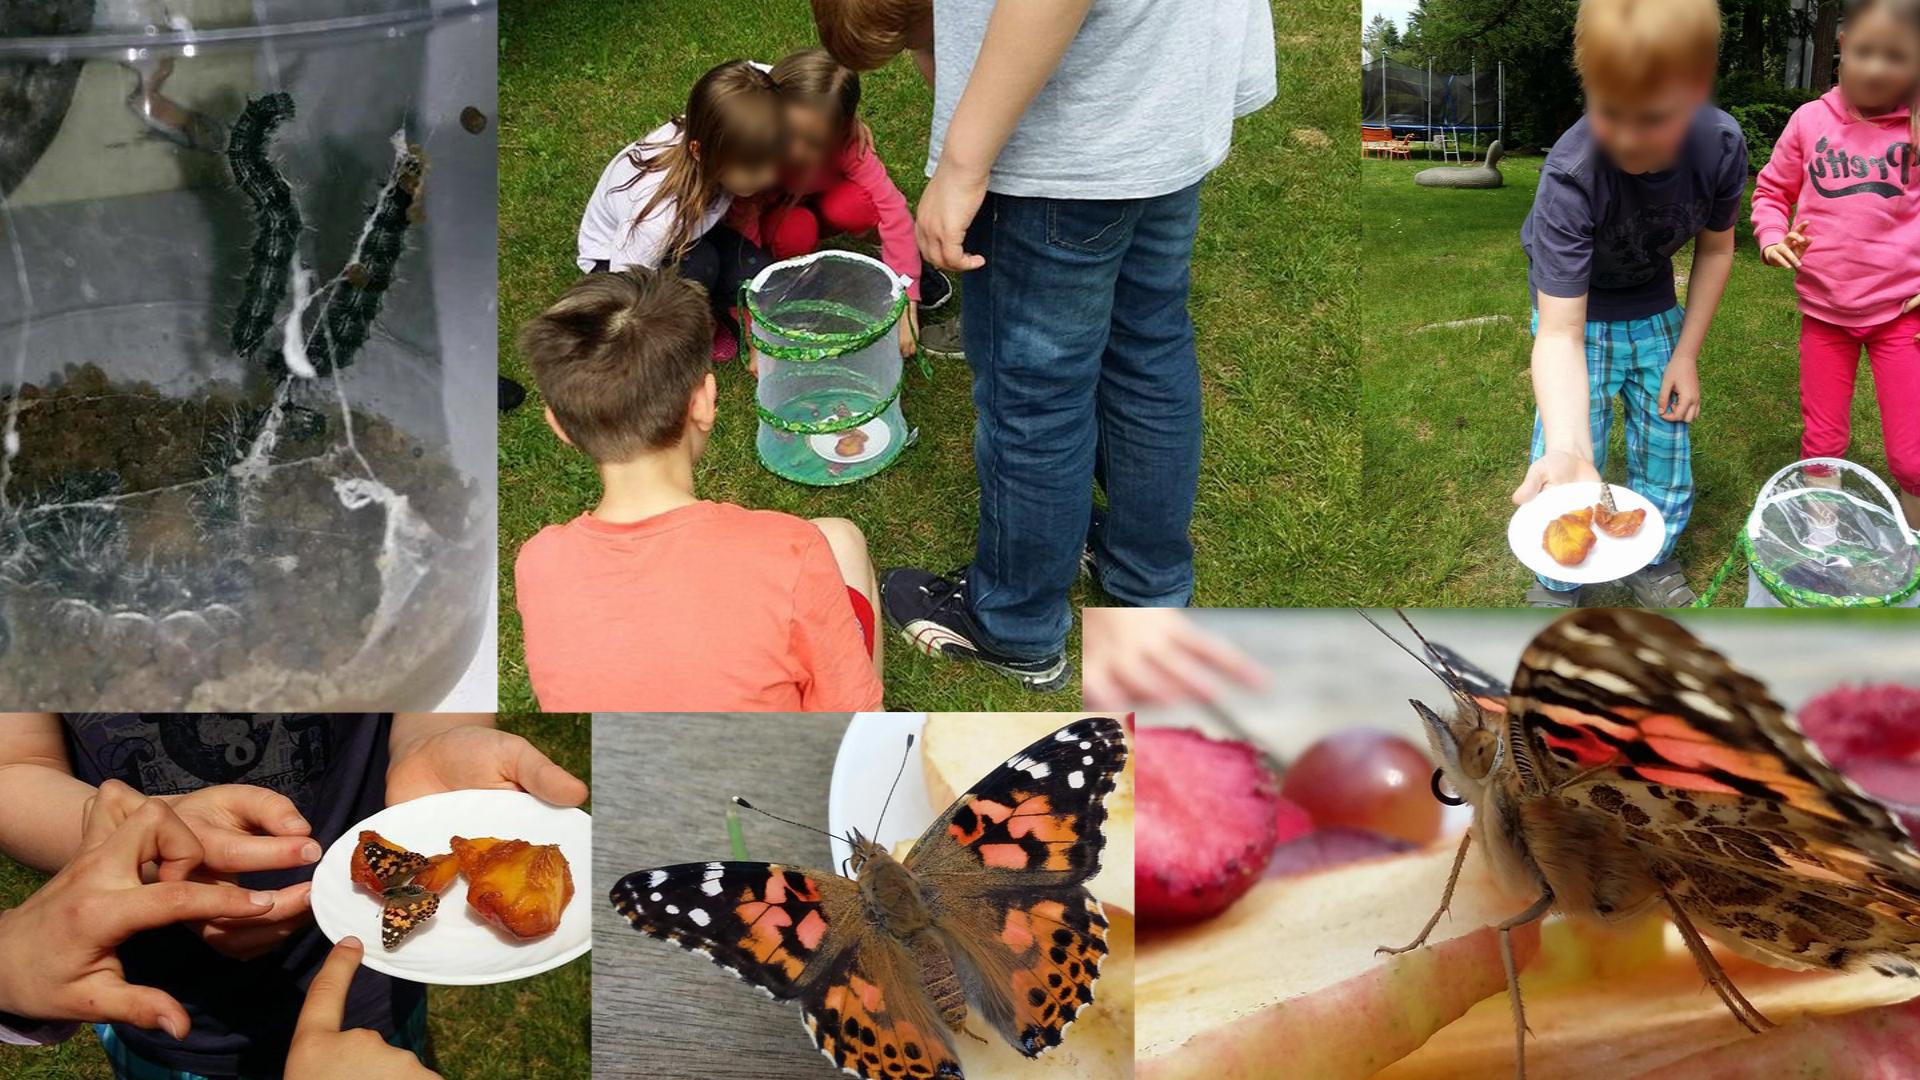 Im Mai hatten wir uns Raupen besorgt. Es war toll zu sehen wie sie gewachsen sind, sie sich dann verpuppt haben, und nach 3 Wochen wunderschöne Monarch Schmetterlinge ausgeschlüpft sind. Dann haben wir sie frei gelassen, mit Obst gefüttert, was sie besonders gern mögen, und sie sind noch eine ganze Weile im Garten um uns herum geschwirrt, auf unseren Händen und Schultern gesessen, und dann weiter geflattert. :)